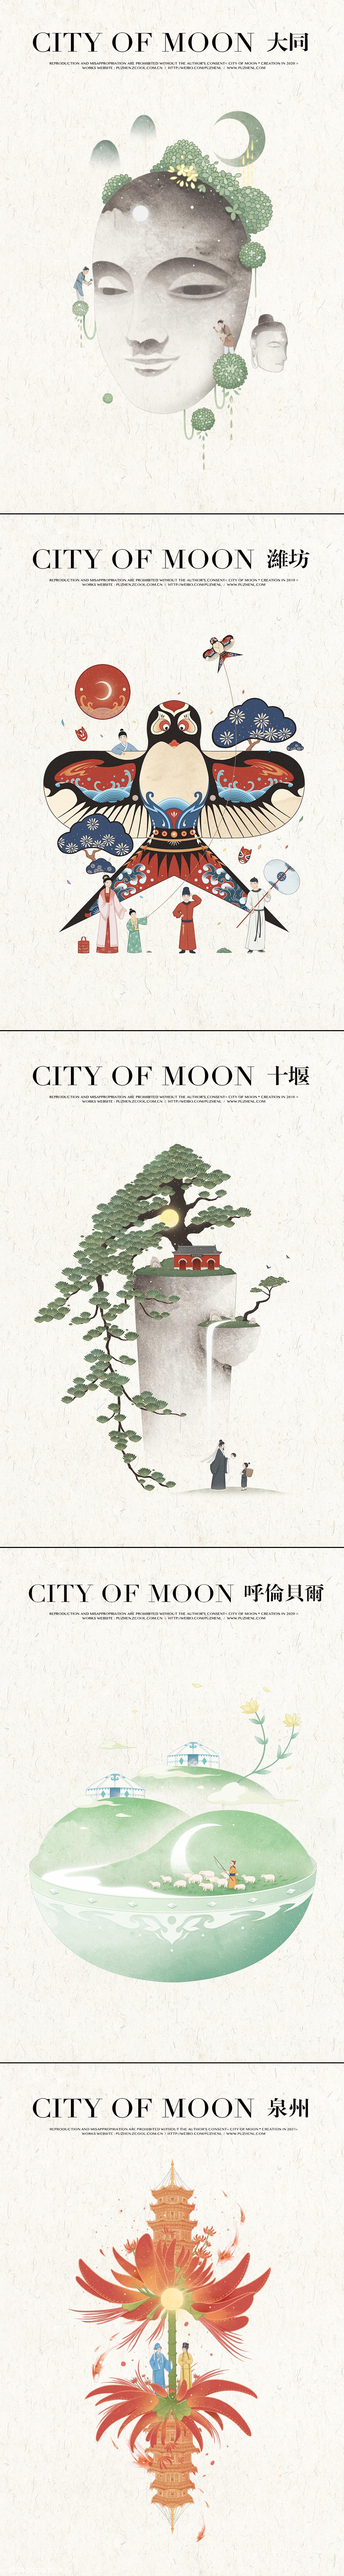 中国城市系列插画《东方幻月录》